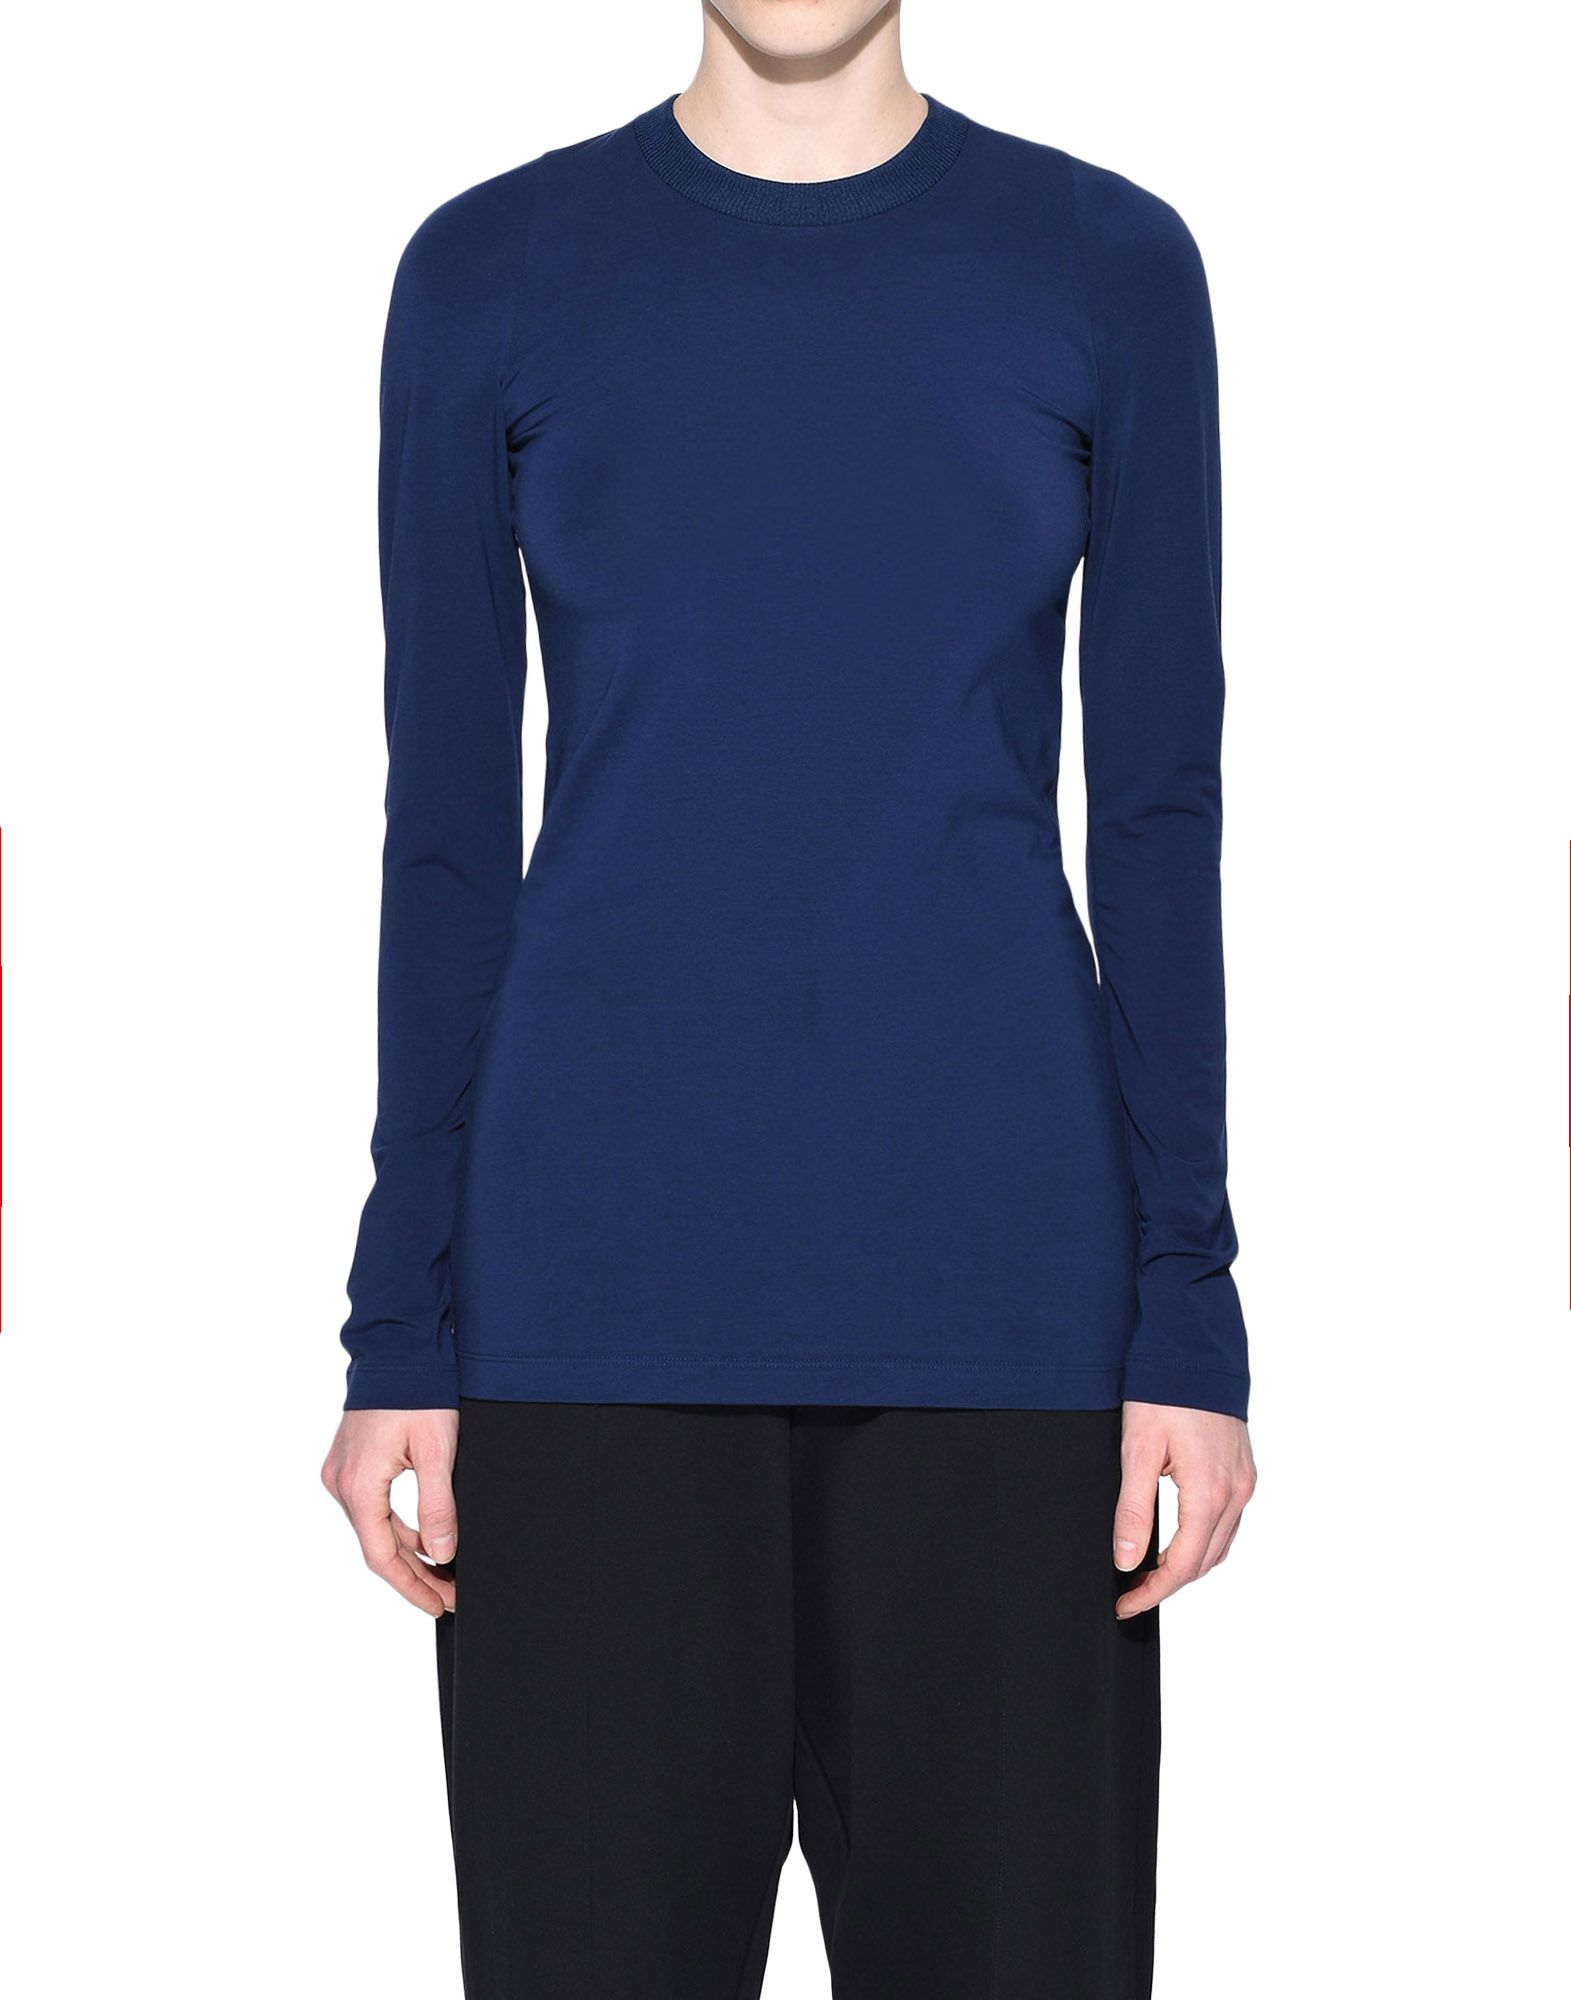 Y-3 Y-3 Prime Tee Long sleeve t-shirt Woman r